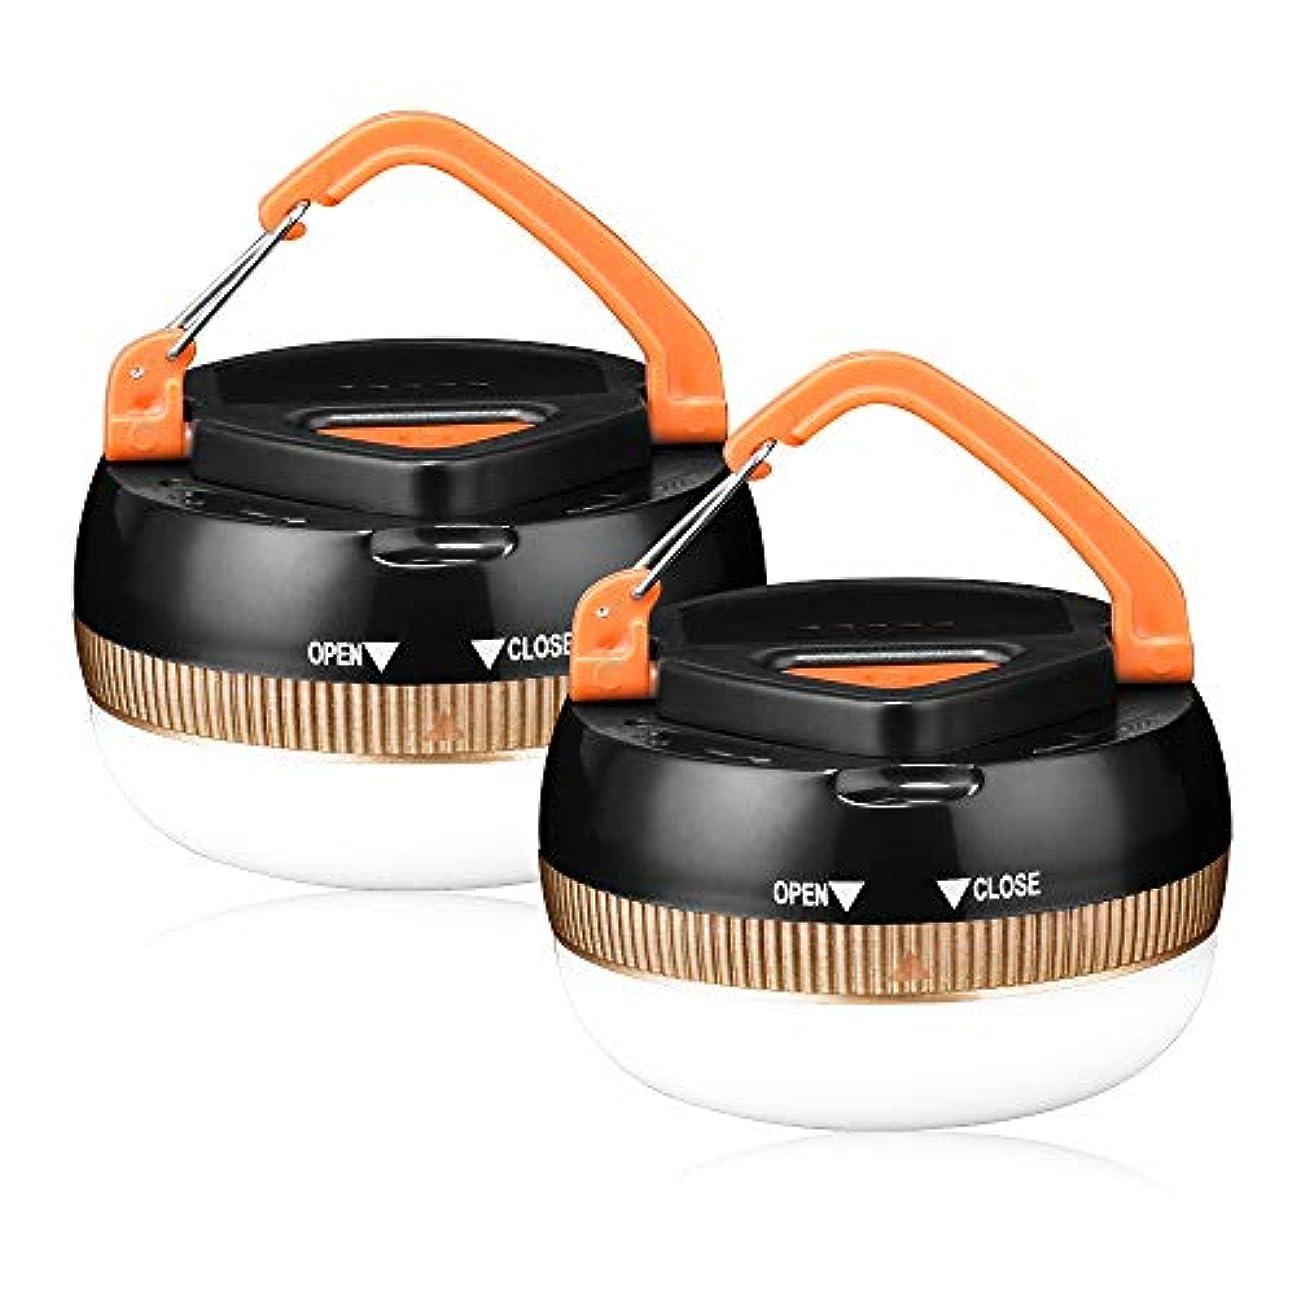 ダーツクッションチャンスLetmy LEDランタン キャンプライト 明るい 白色光 携帯型 電池 五つ点灯モード 防災対策 登山 夜釣り ハイキング アウトドア キャンプ用 2個セット